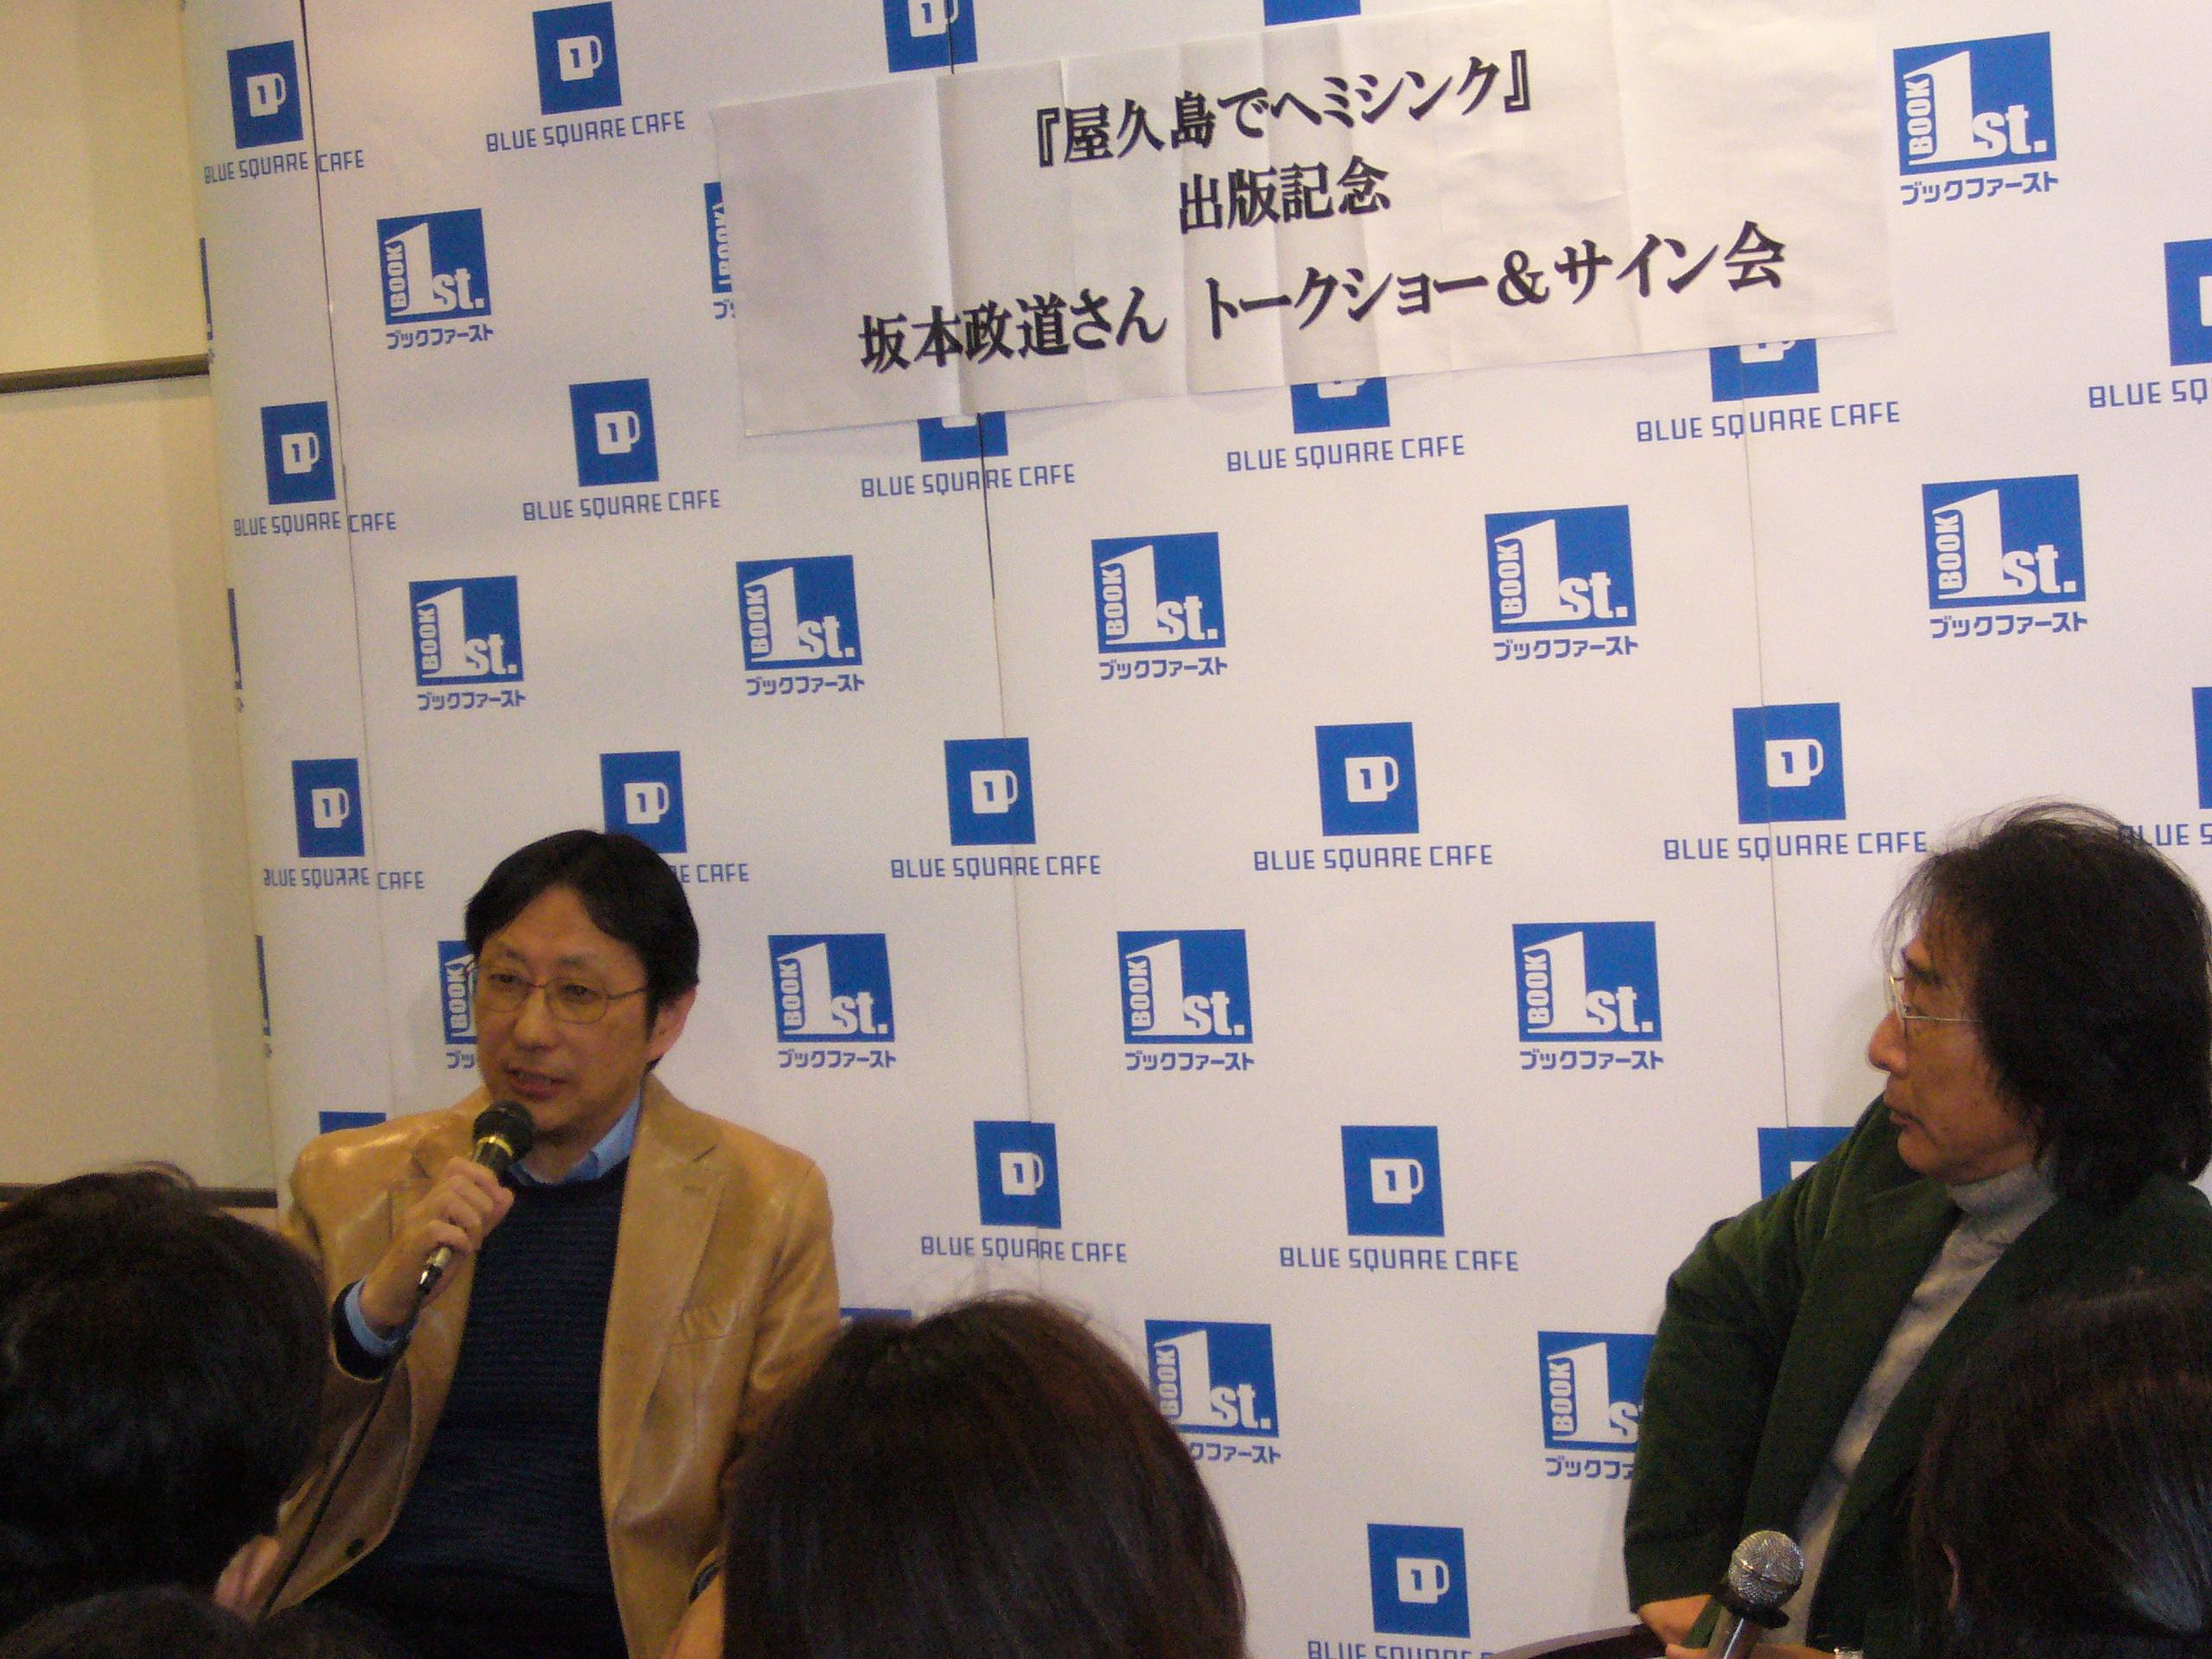 http://www.aqu-aca.com/masblog/P1010164.JPG